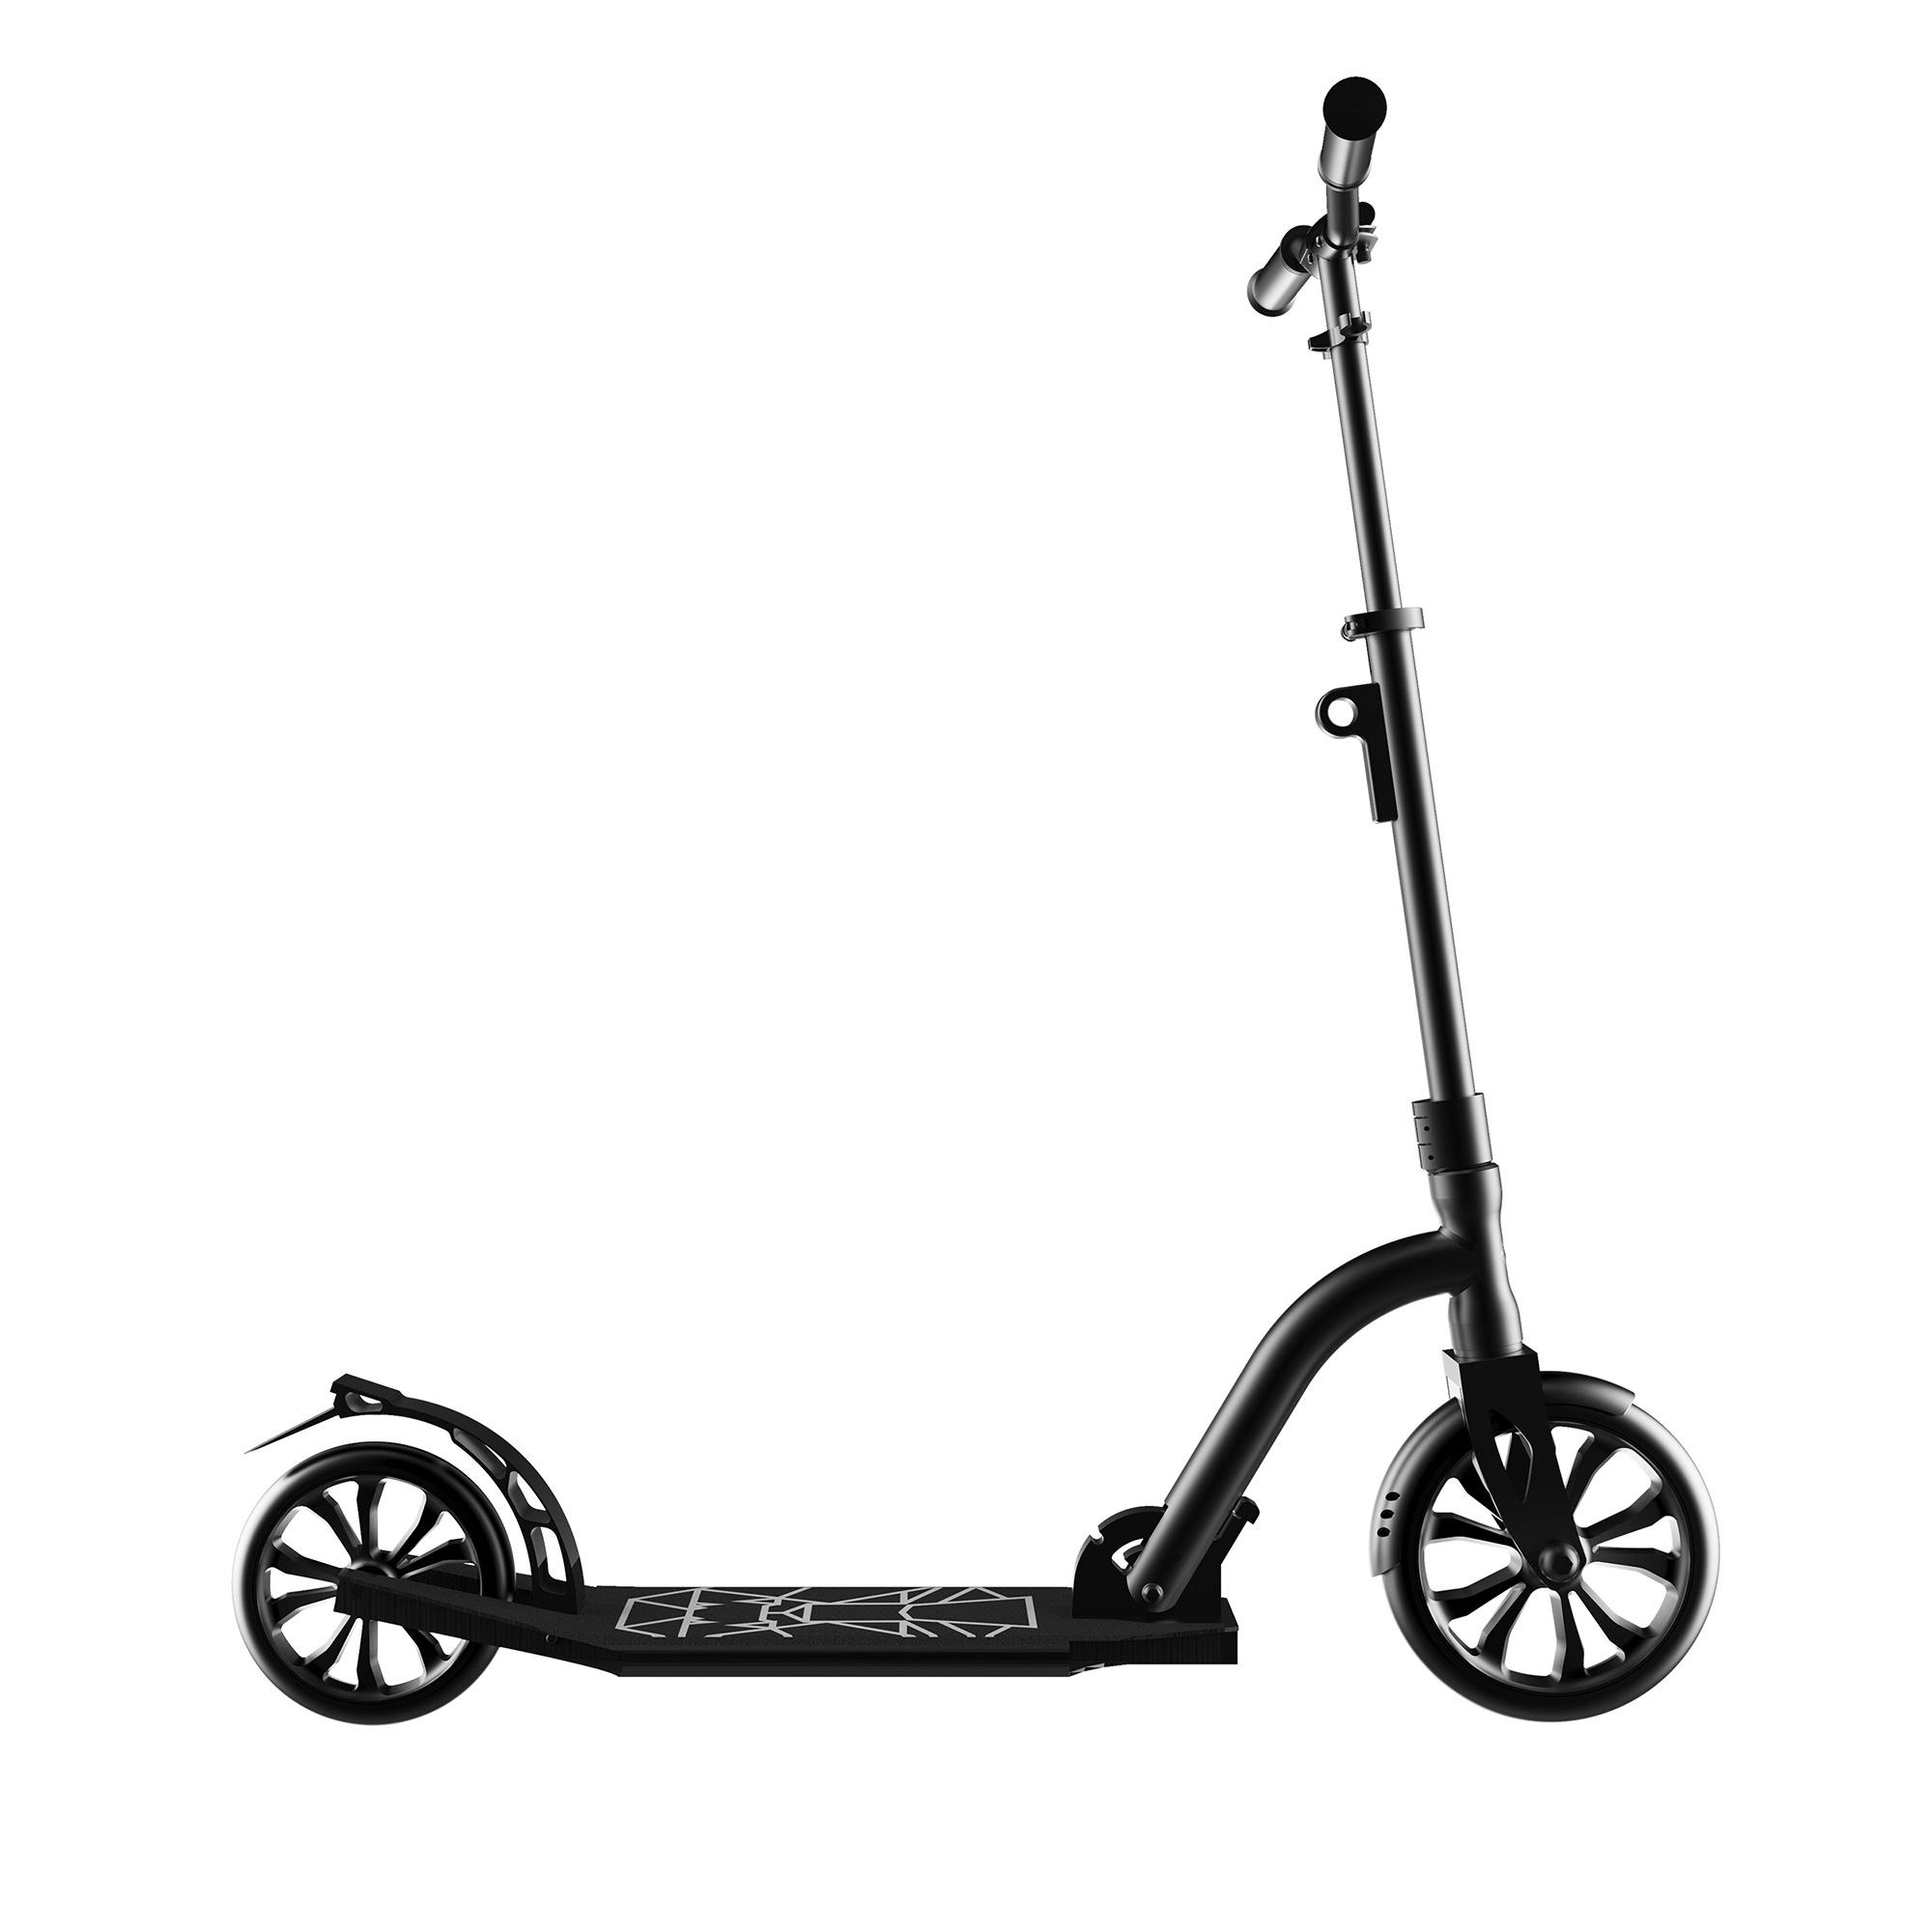 Swagtron K9 Commuter kick scooter adulte Pliable Léger Réglable en Hauteur